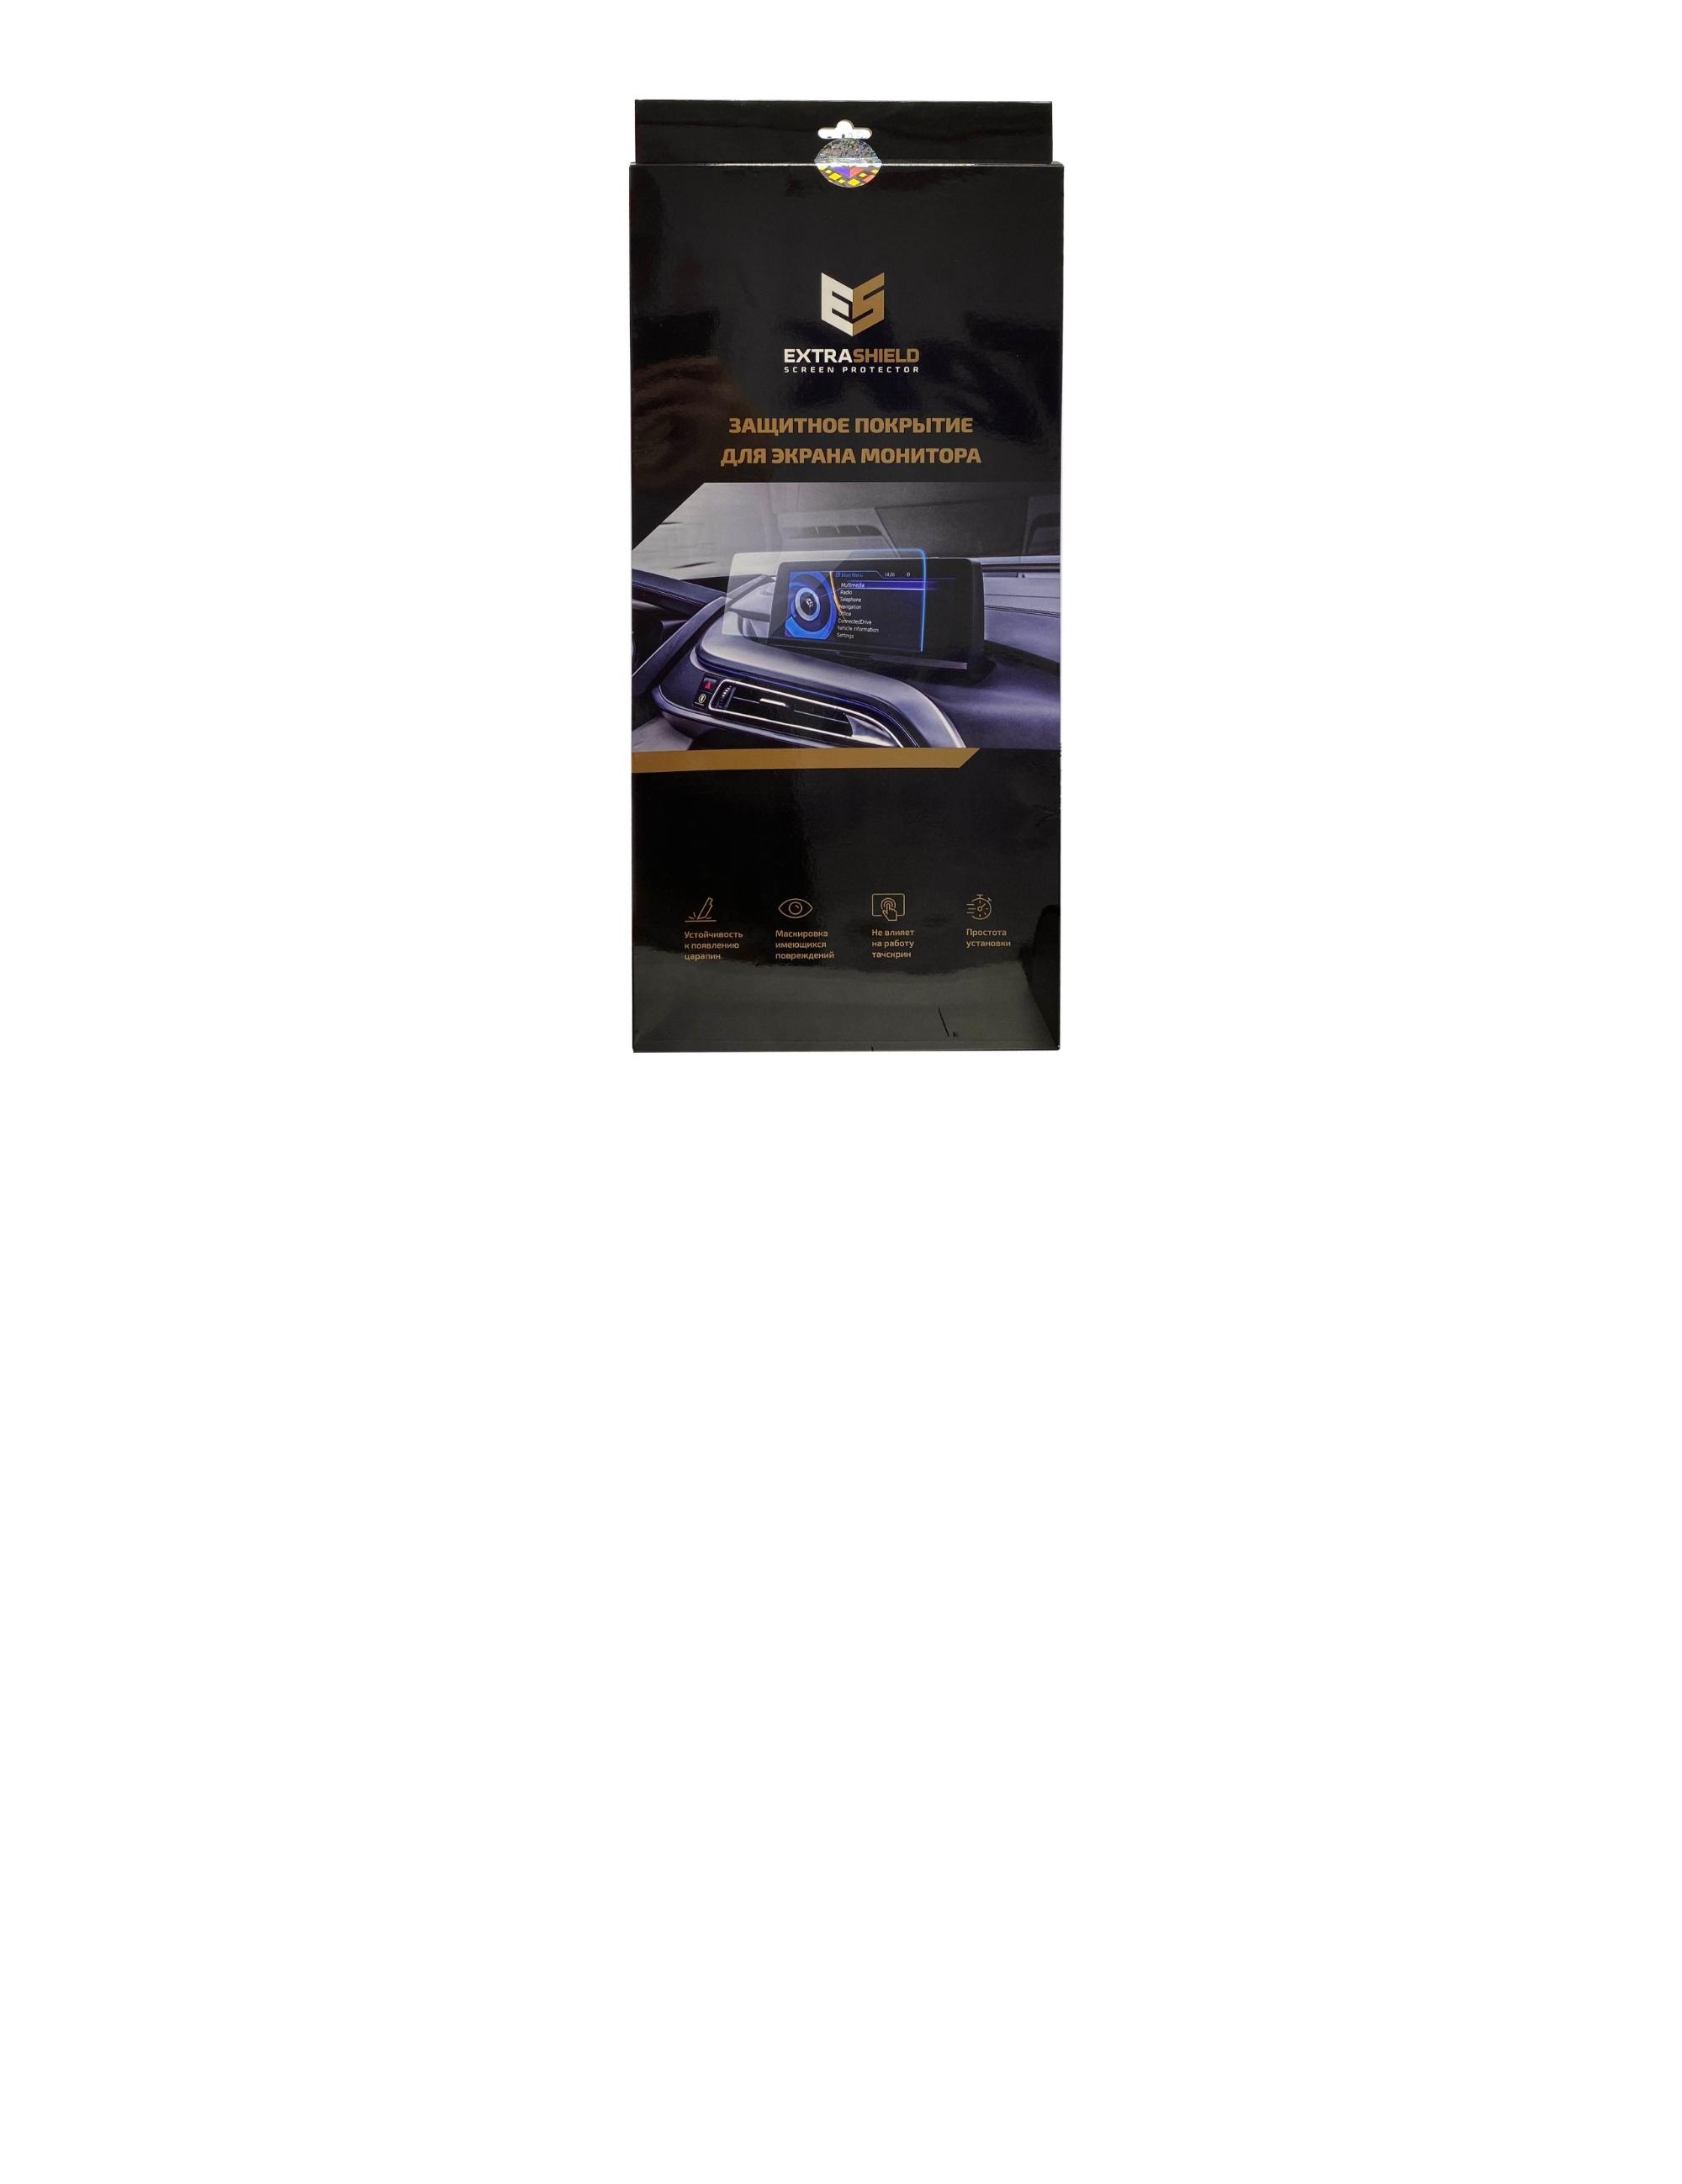 BMW X7 (G07) 2018 - н.в. мультимедиа 12.3 Защитное стекло Матовая